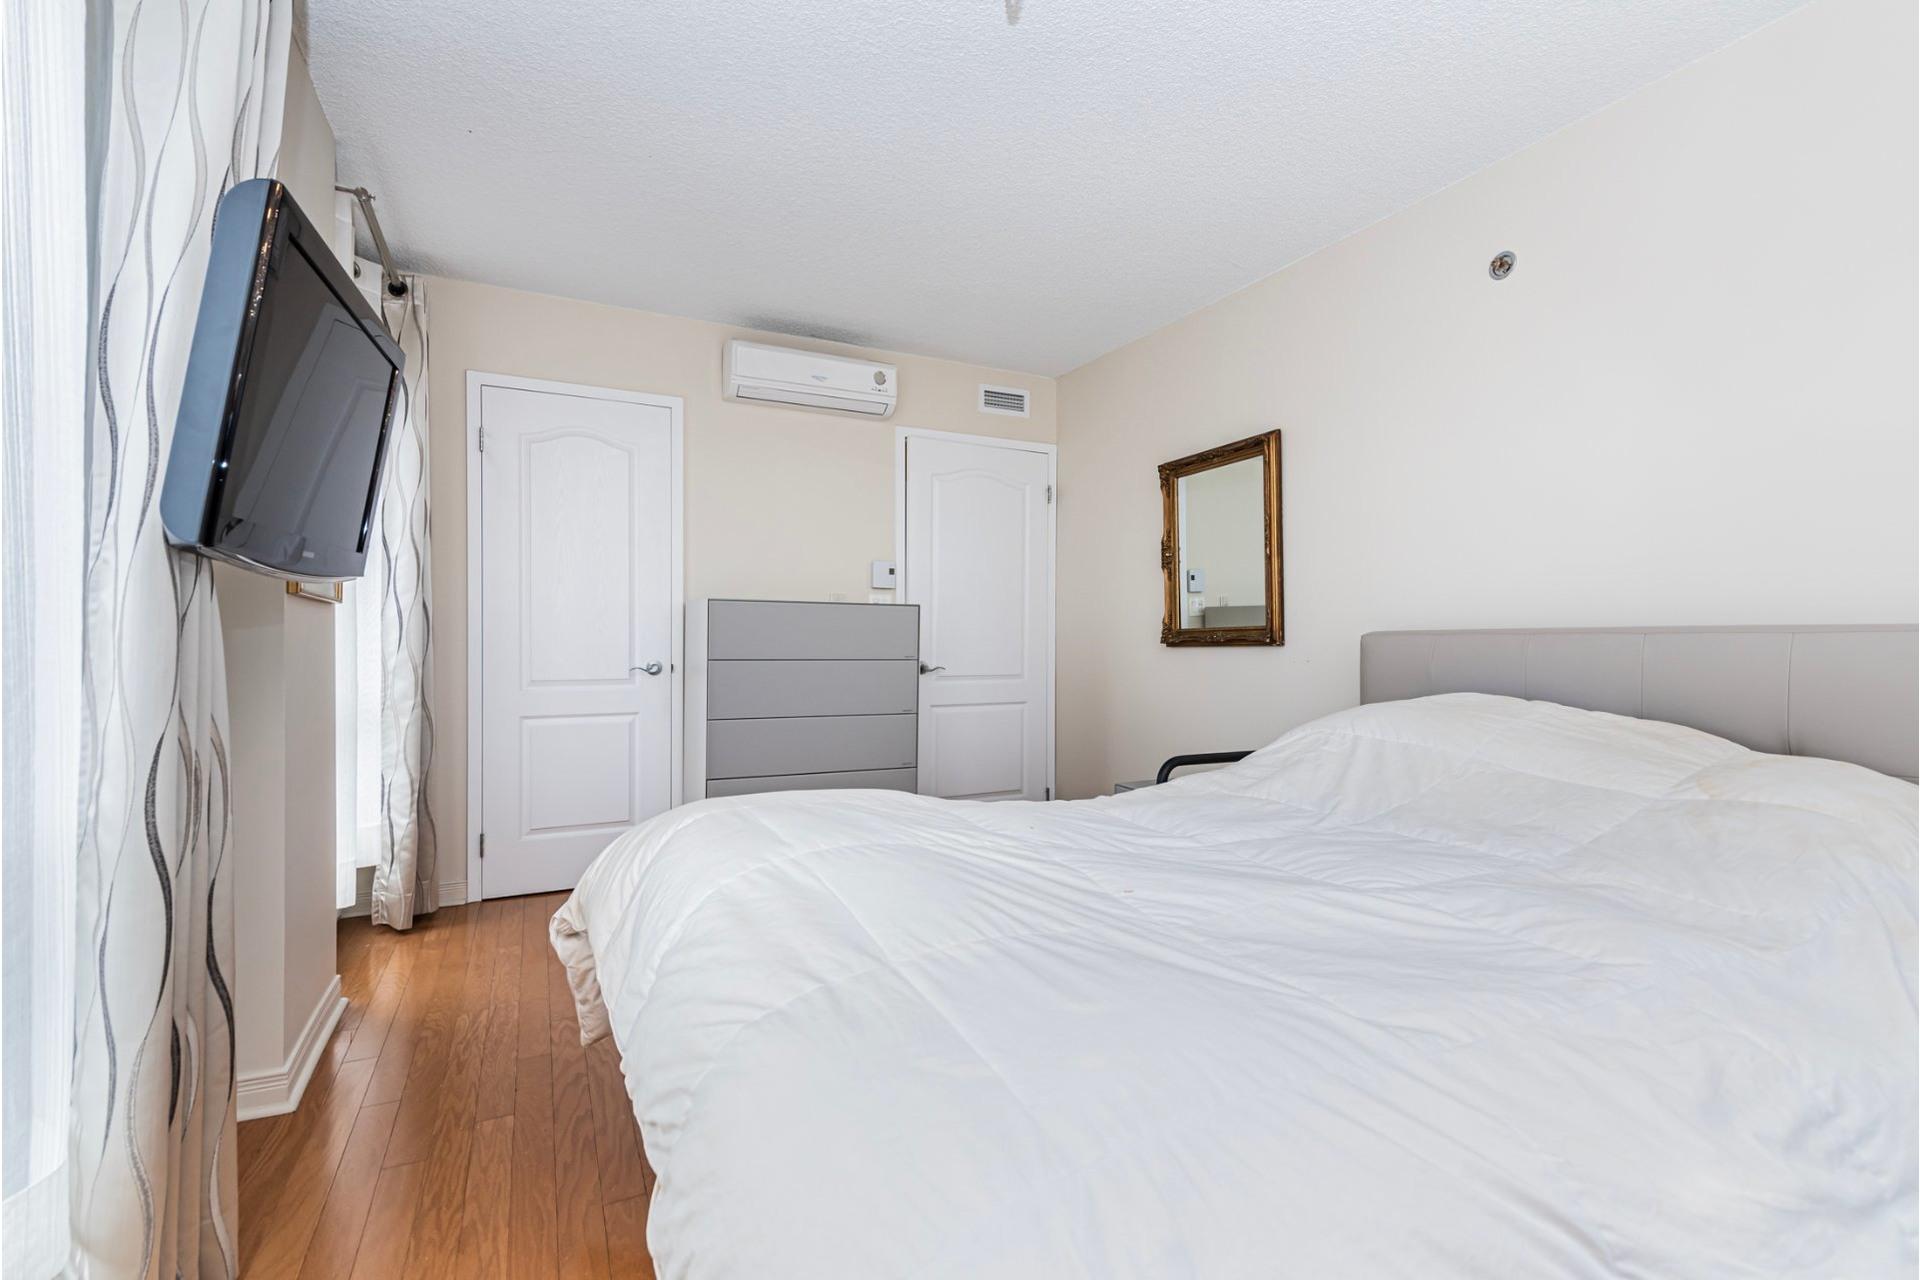 image 19 - Apartment For sale Lachine Montréal  - 7 rooms